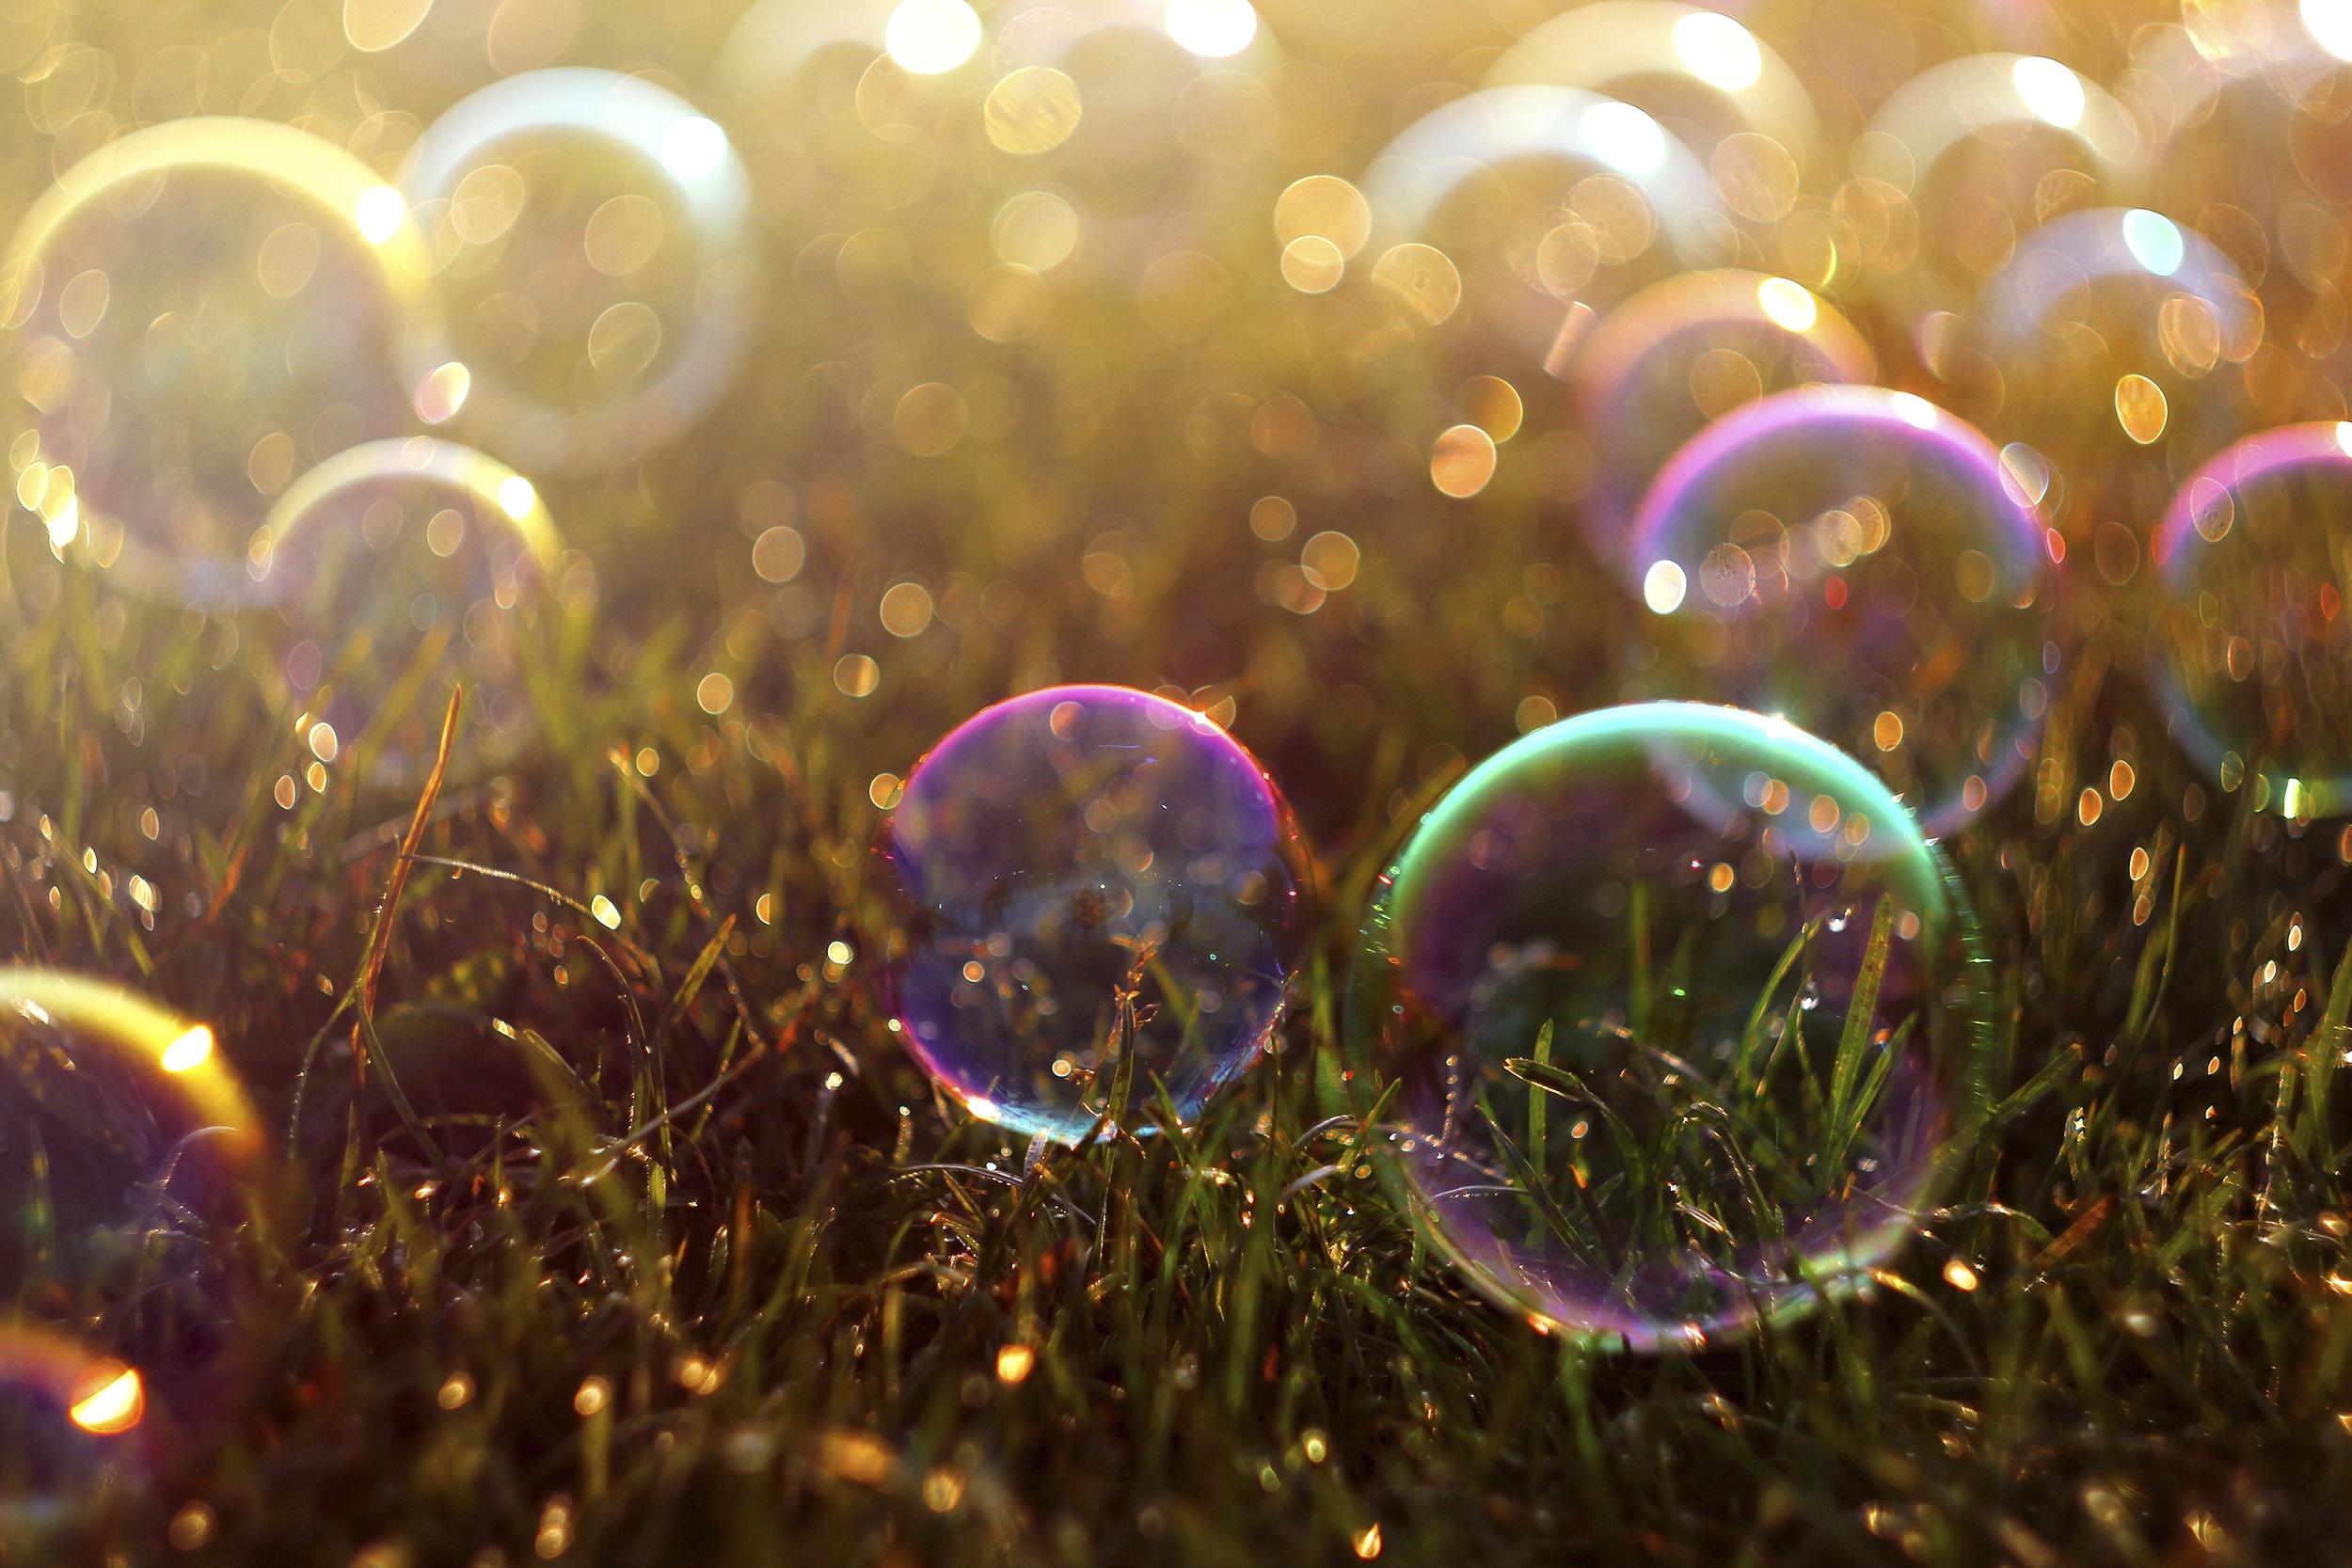 картинки с пузырями одежды